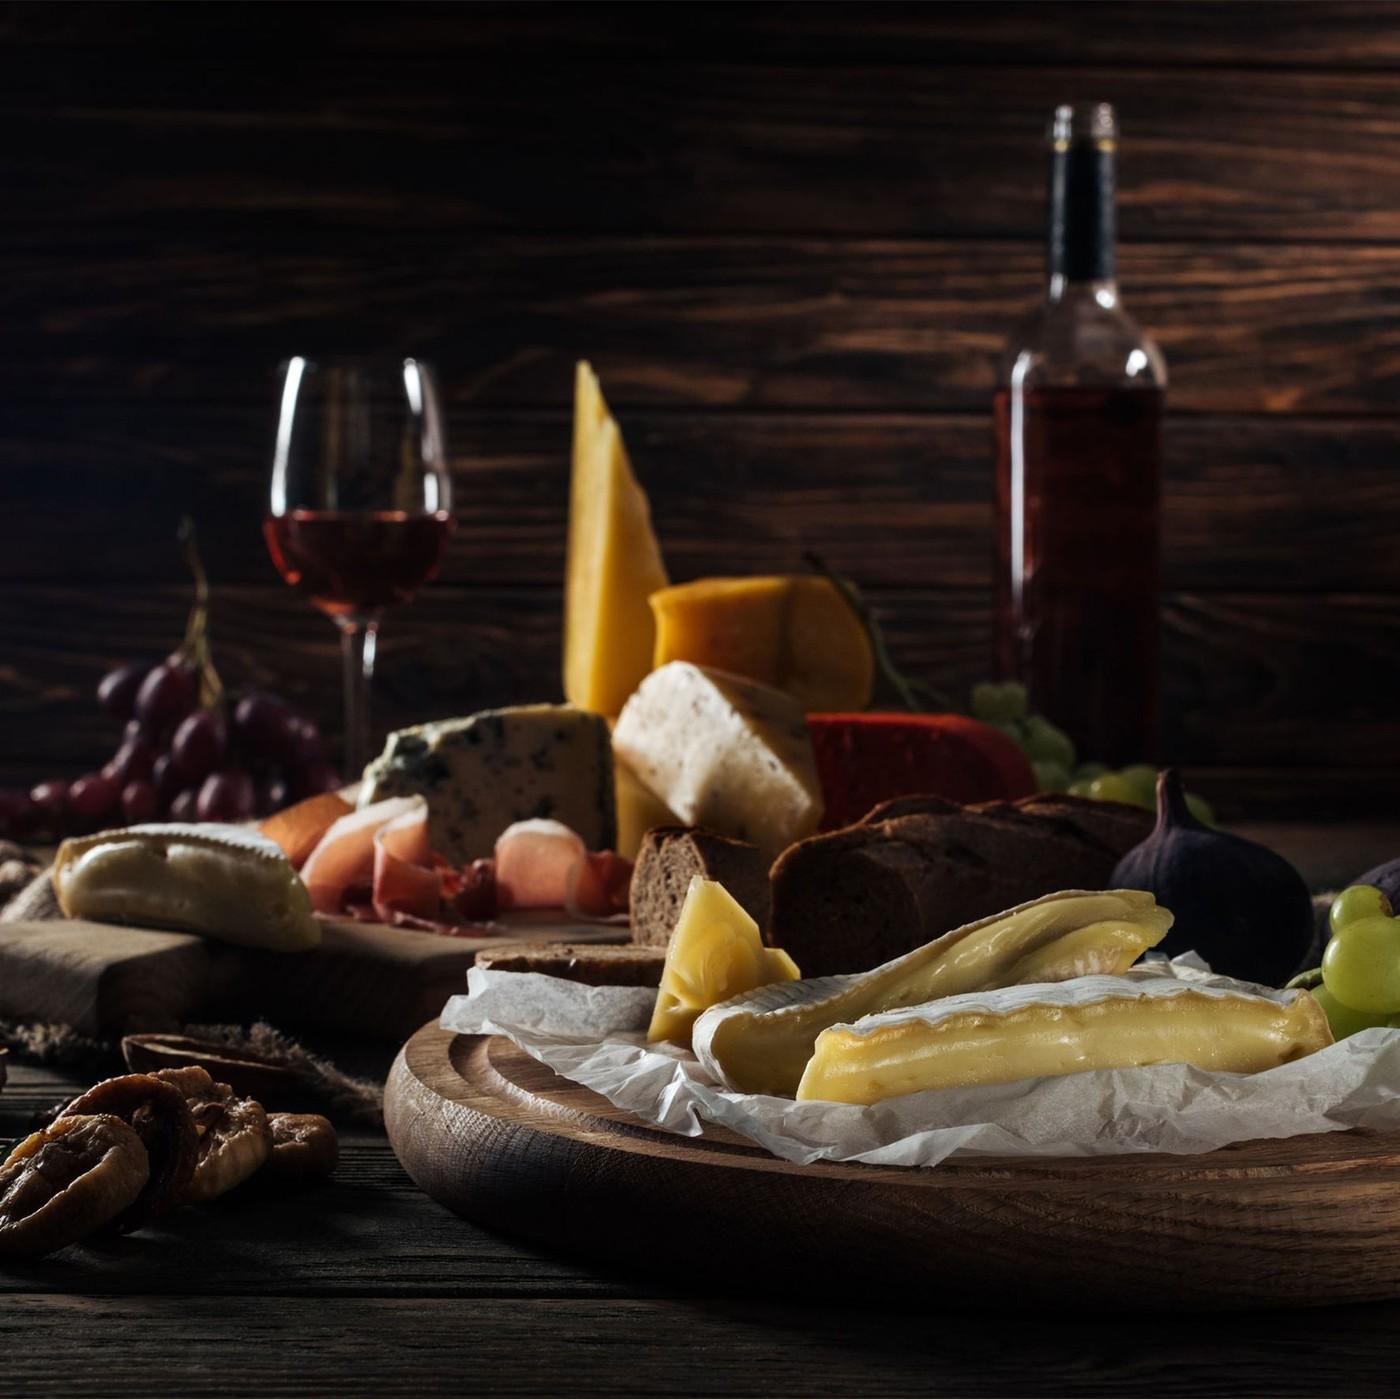 receta de Tris Occelli Con Barolo, Con Malta De Cebada Y Whisky Y Cusie De Oveja Y Vaca